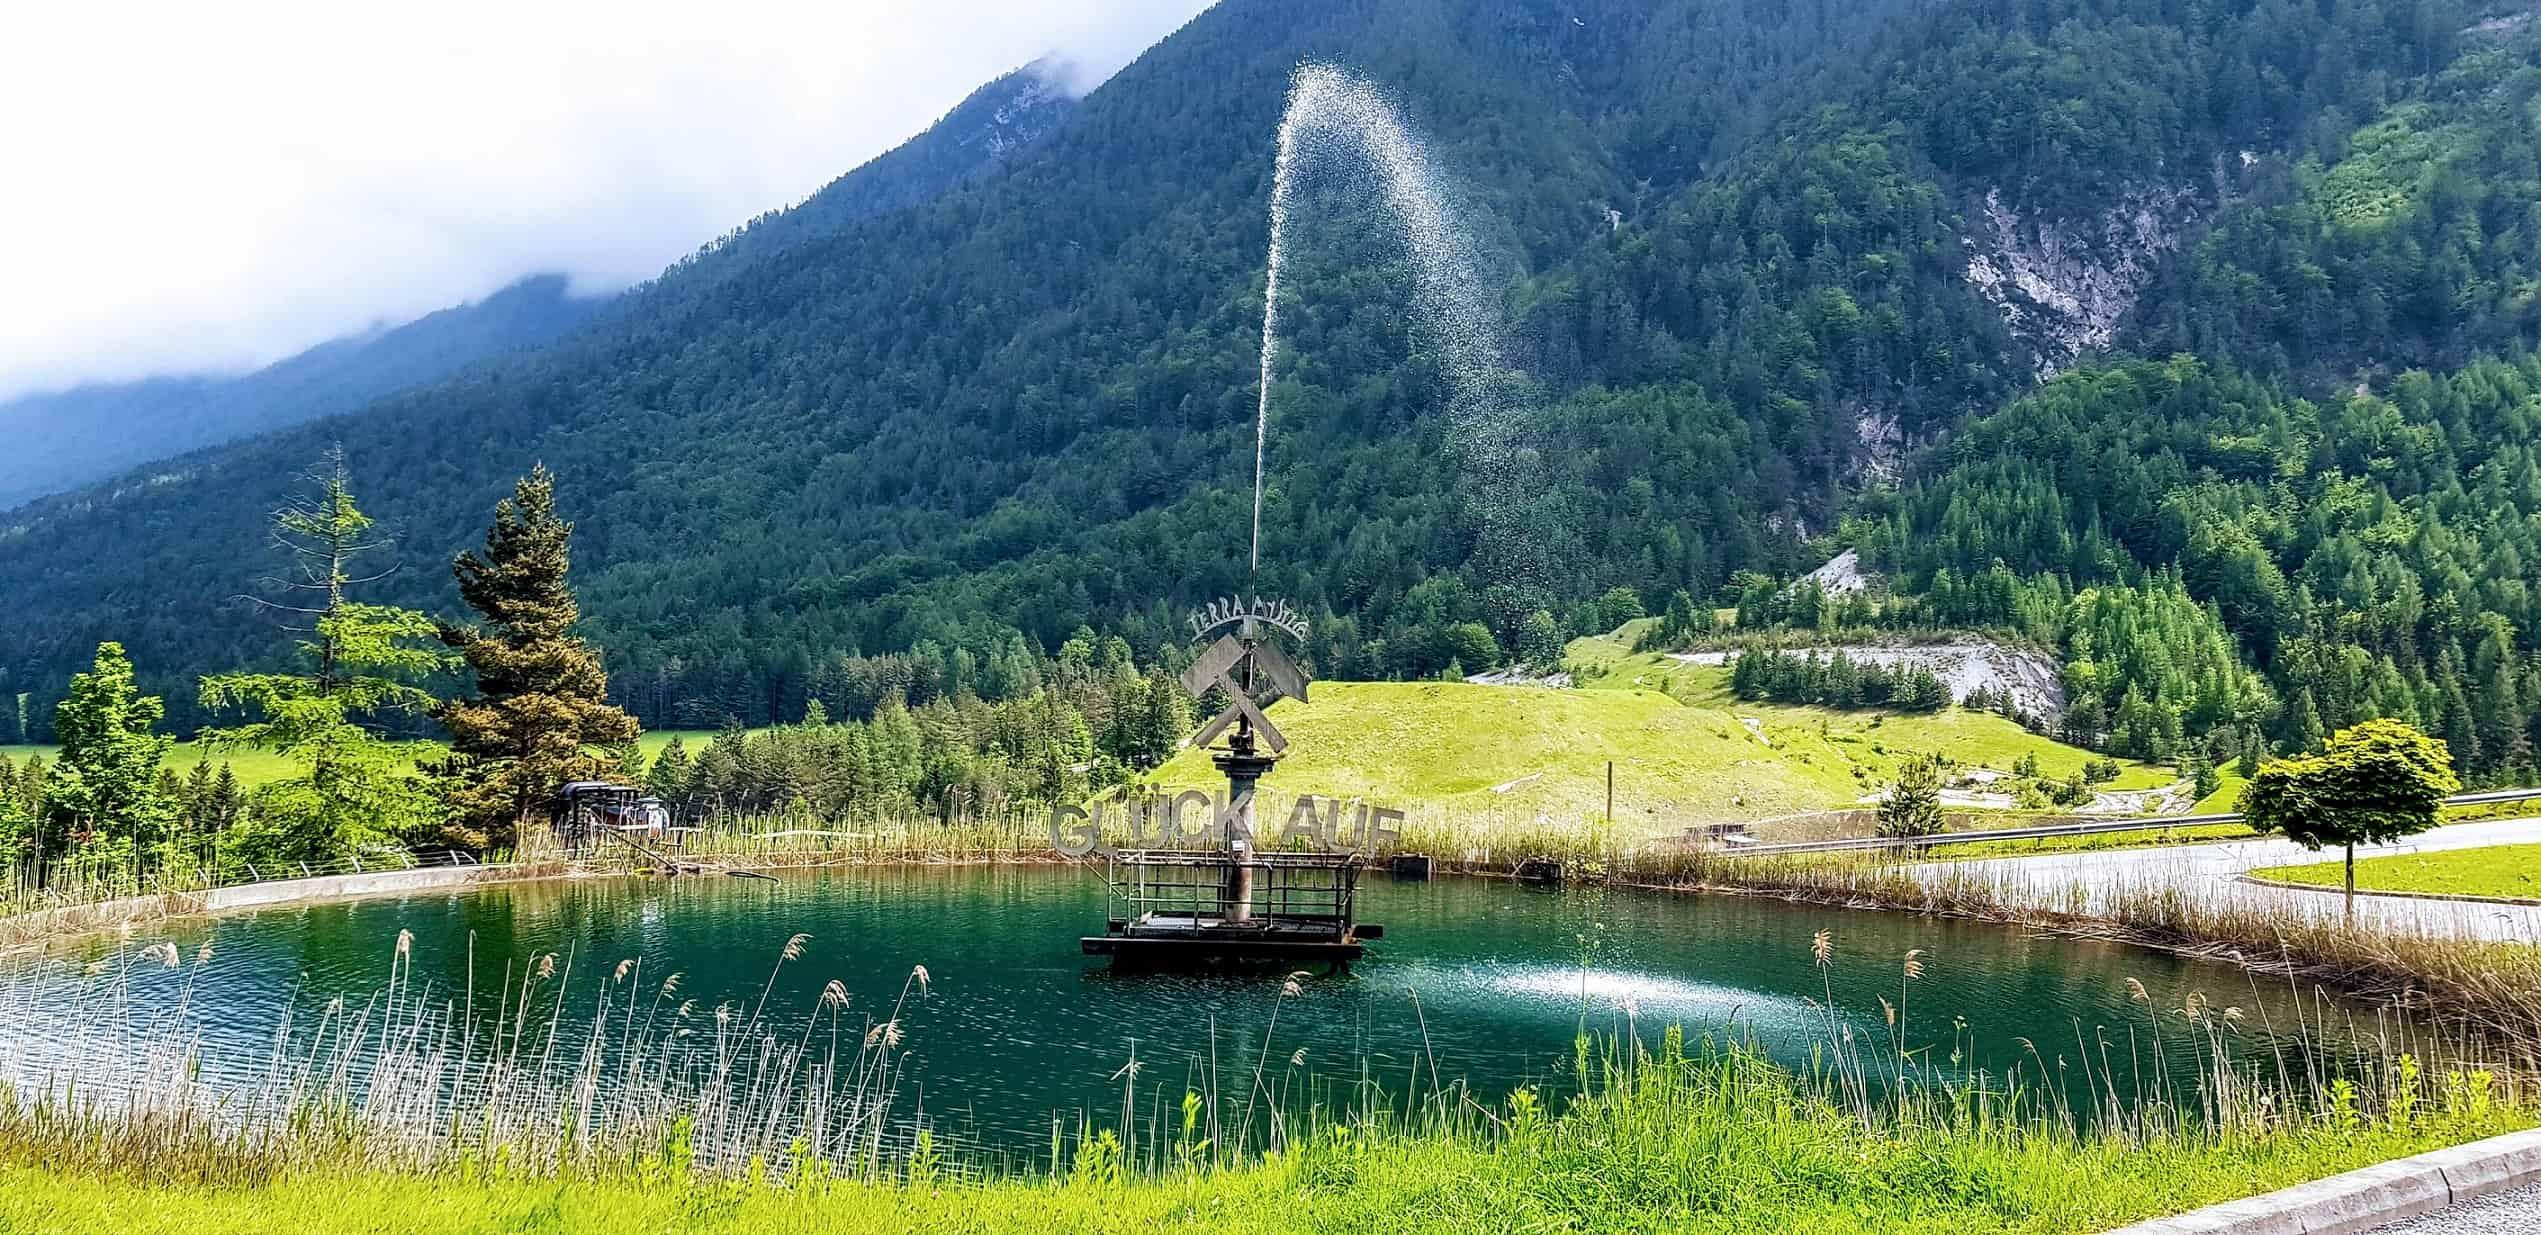 Brunnen und Teich bei Ausflug zu Schaubergwerken Terra Mystica und Montana in der Nähe von Villach.